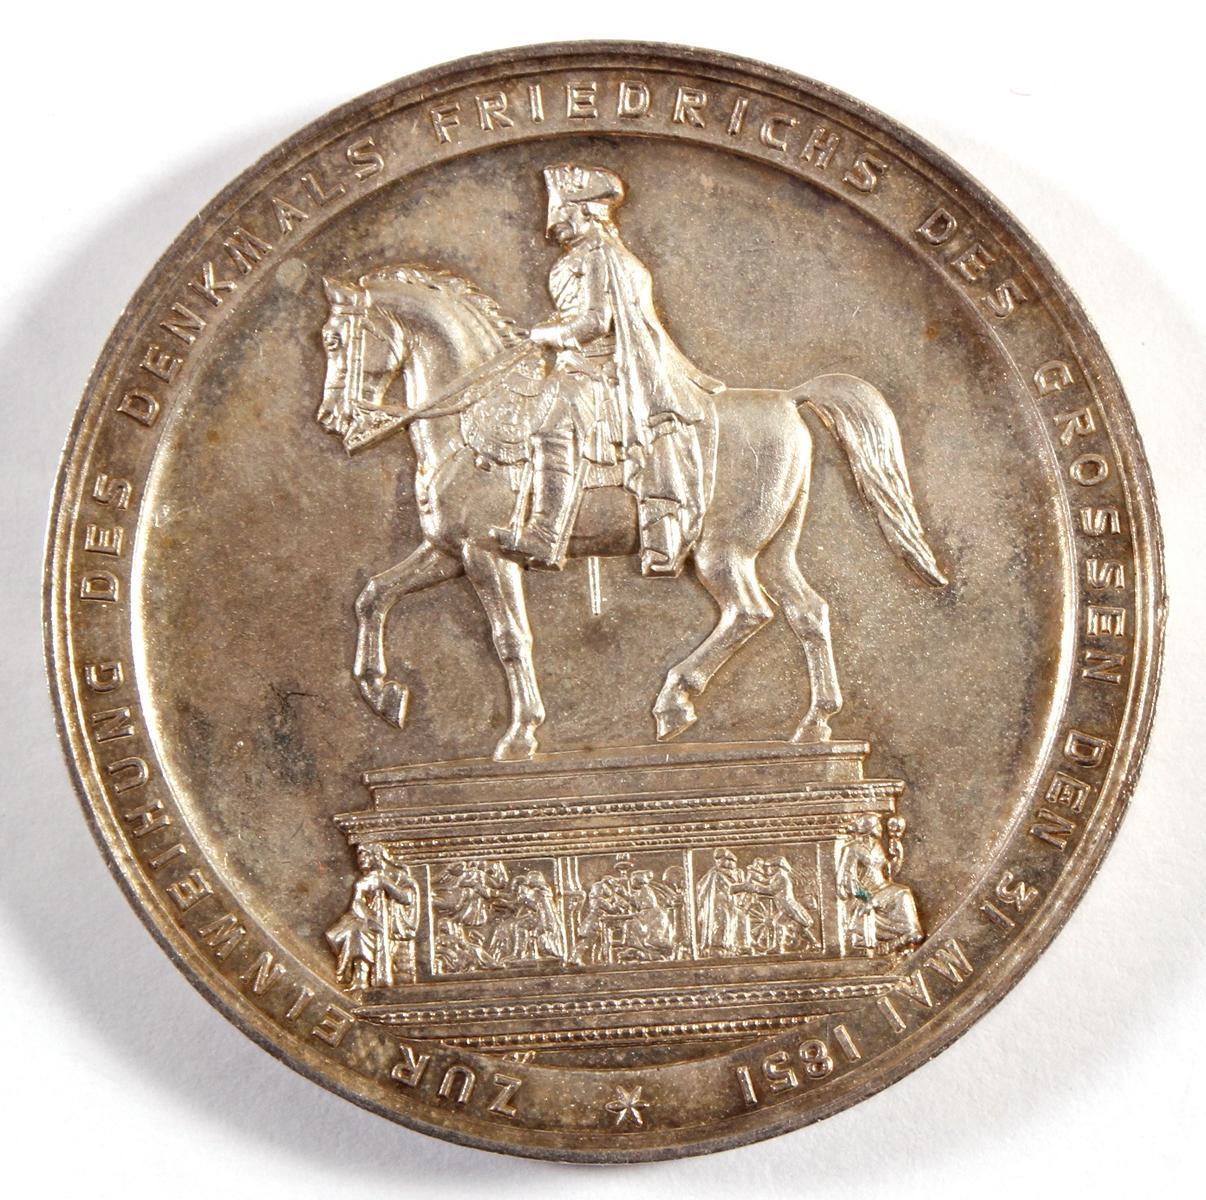 Silber-Medaille Enthüllung des Reiterdenkmals am 31. Mai 1851-2